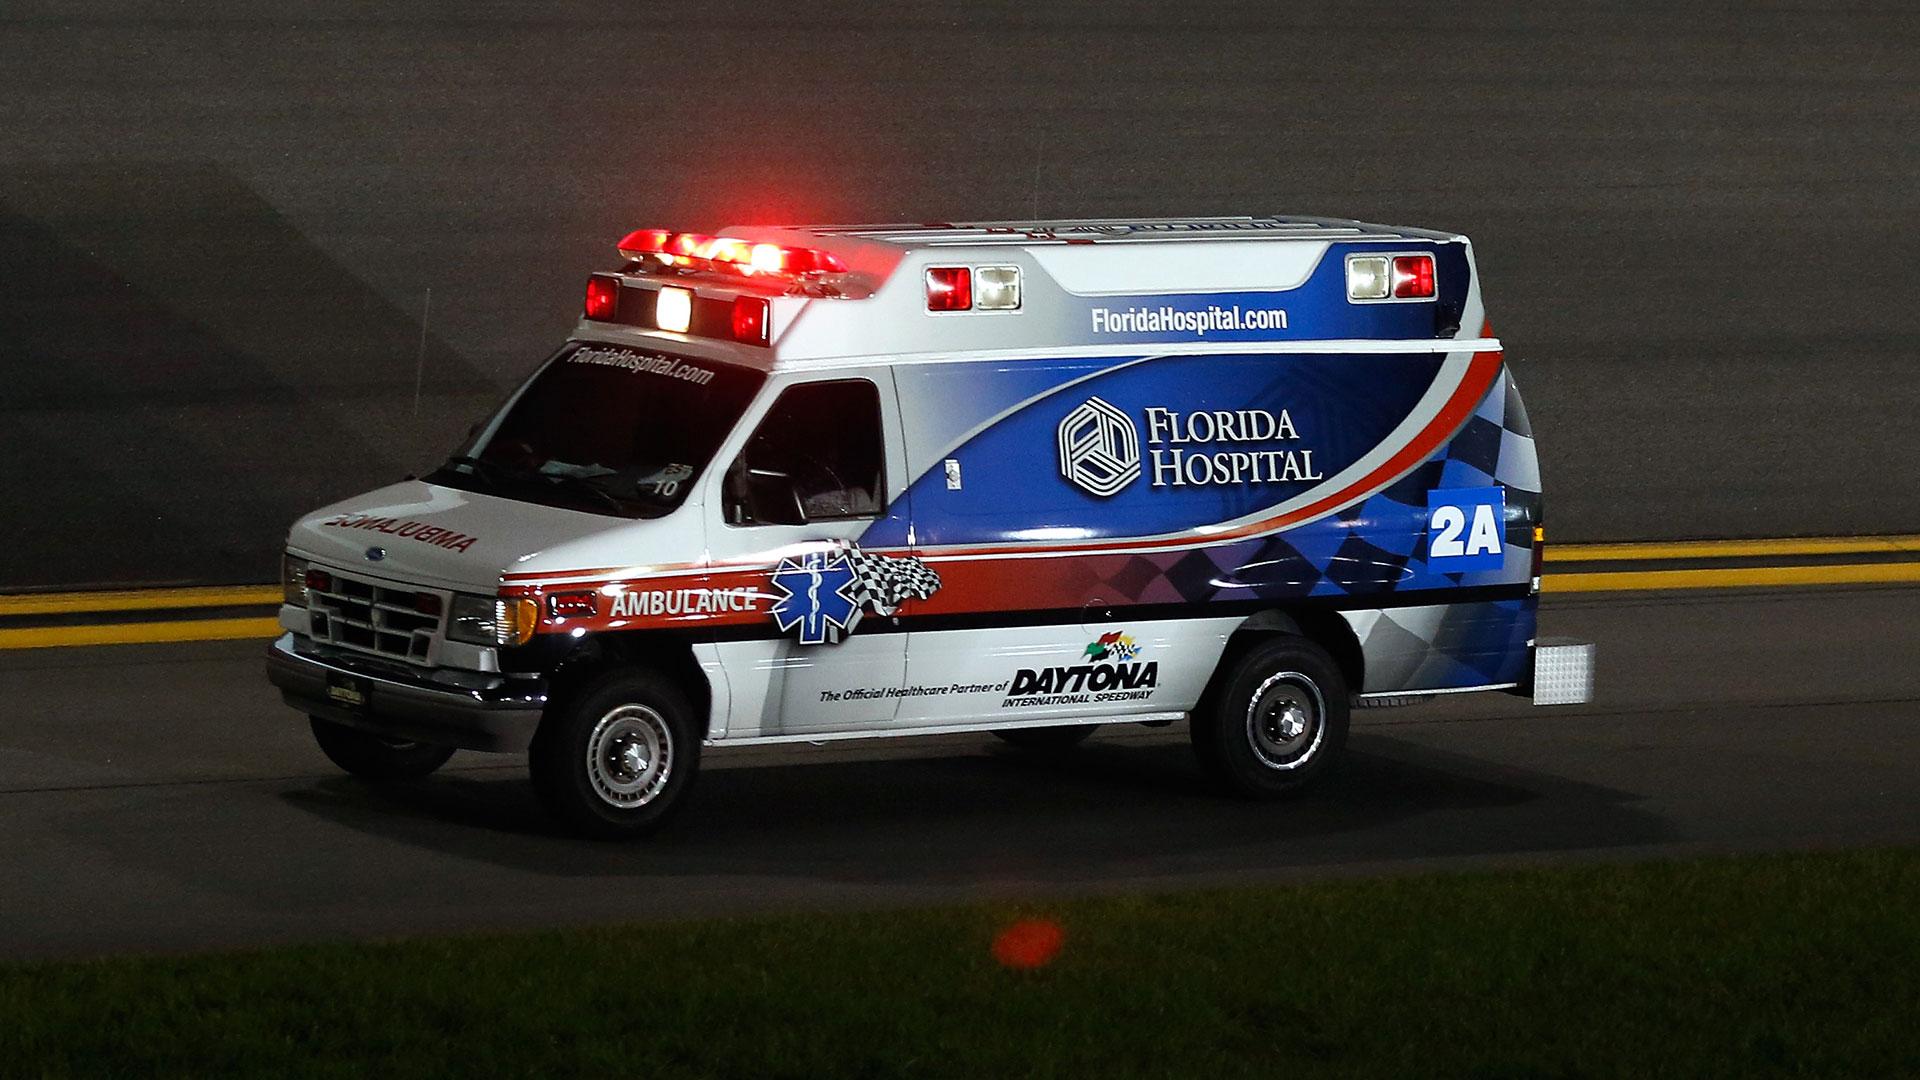 La Policía de Daytona Beach indicó que el suceso no parece sospechoso (Getty Images)